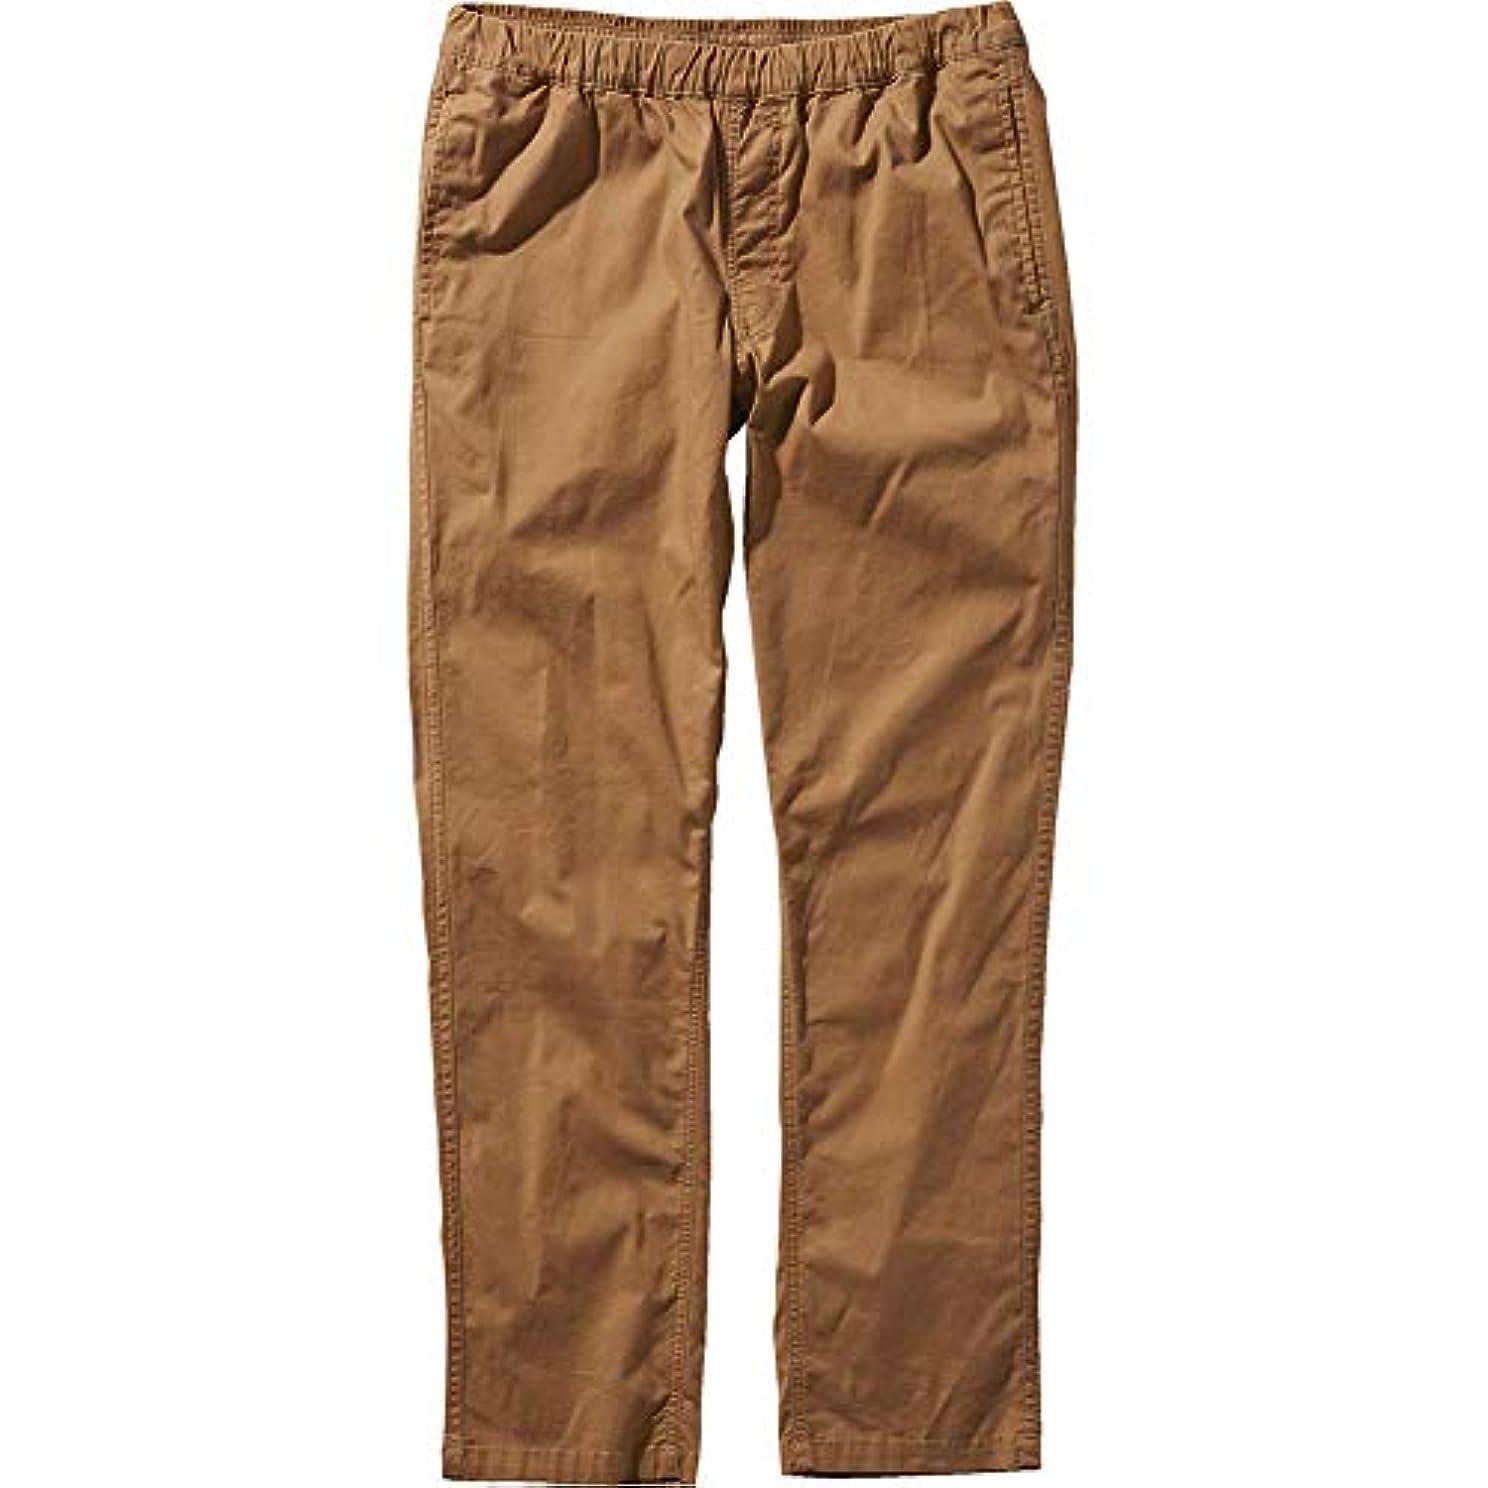 知覚できる熟練した壊れたTHE NORTH FACE(ノースフェイス) Cotton OX Light Climbing Pants コットンオックスライトクライミングパンツ男性用 NB31935